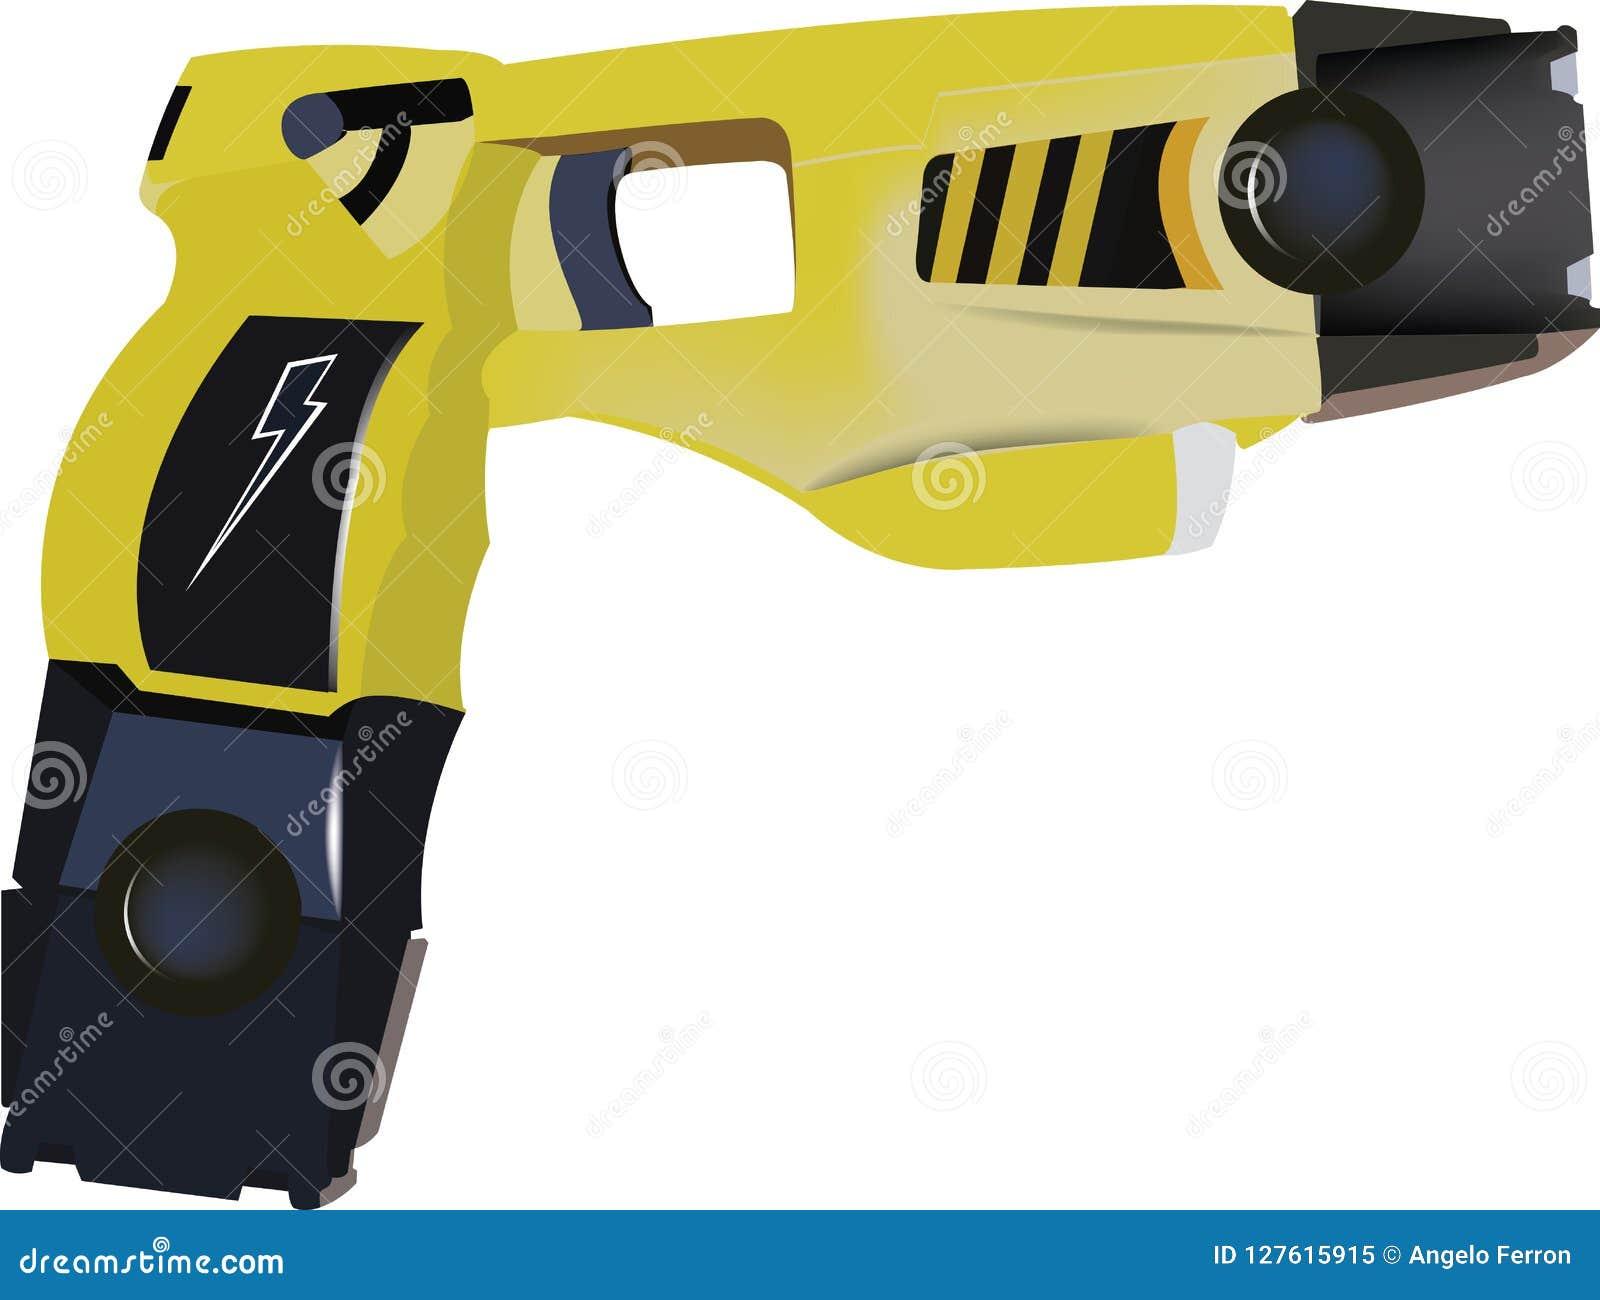 Elektrisches Gewehr zur Verfügung gestellte Polizeiaufgebote für Selbstverteidigung